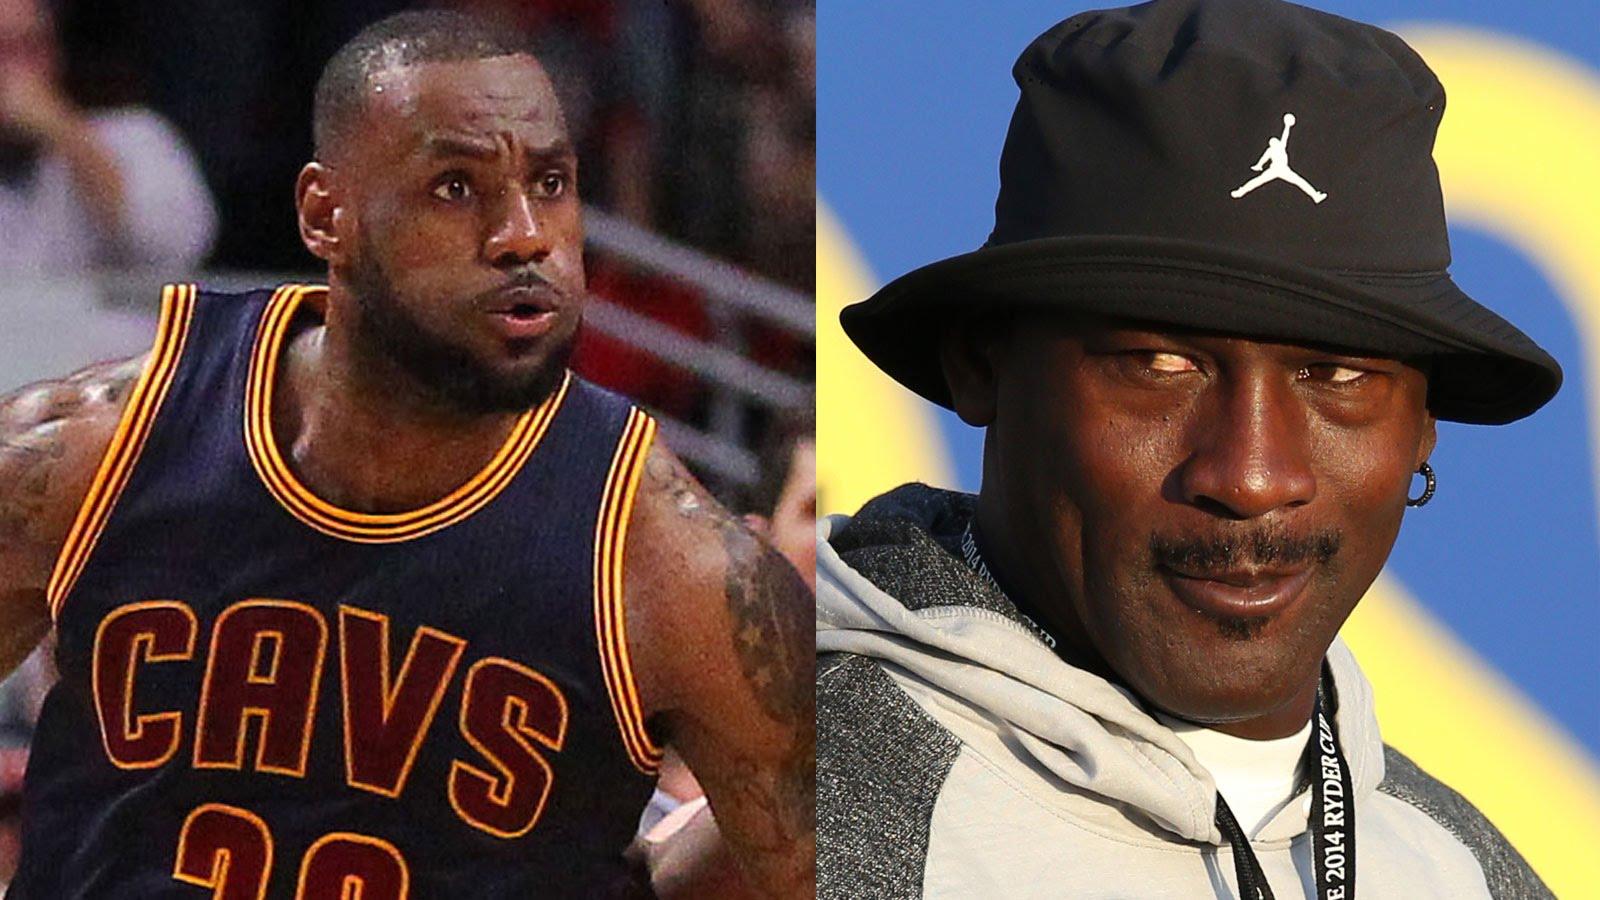 LeBron James responds to Phil Jackson's Michael Jordan comments